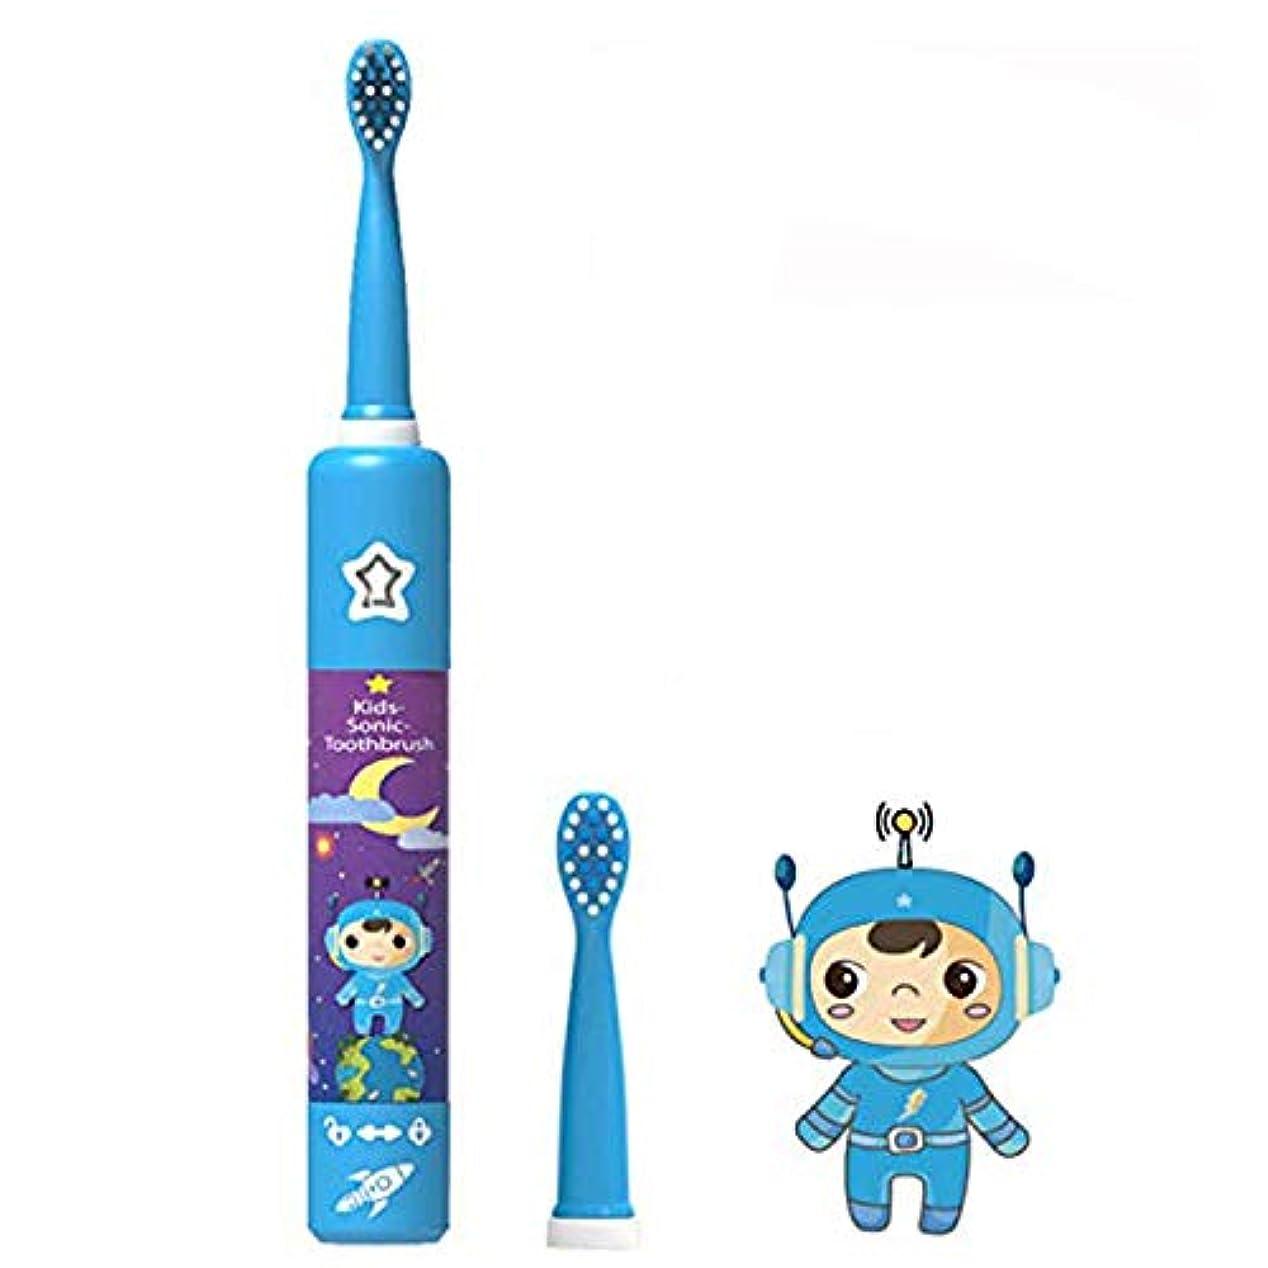 製造キャビンネックレット電動歯ブラシ 子供用極細毛 IPX7防水6つモード調節 静音 子供 誕生日プレゼントおしゃれ かわいい歯ブラシUSB充電 声波振動歯ブラシ 口腔ケアに 1年間保証 (3歳~12歳適用) ブルー